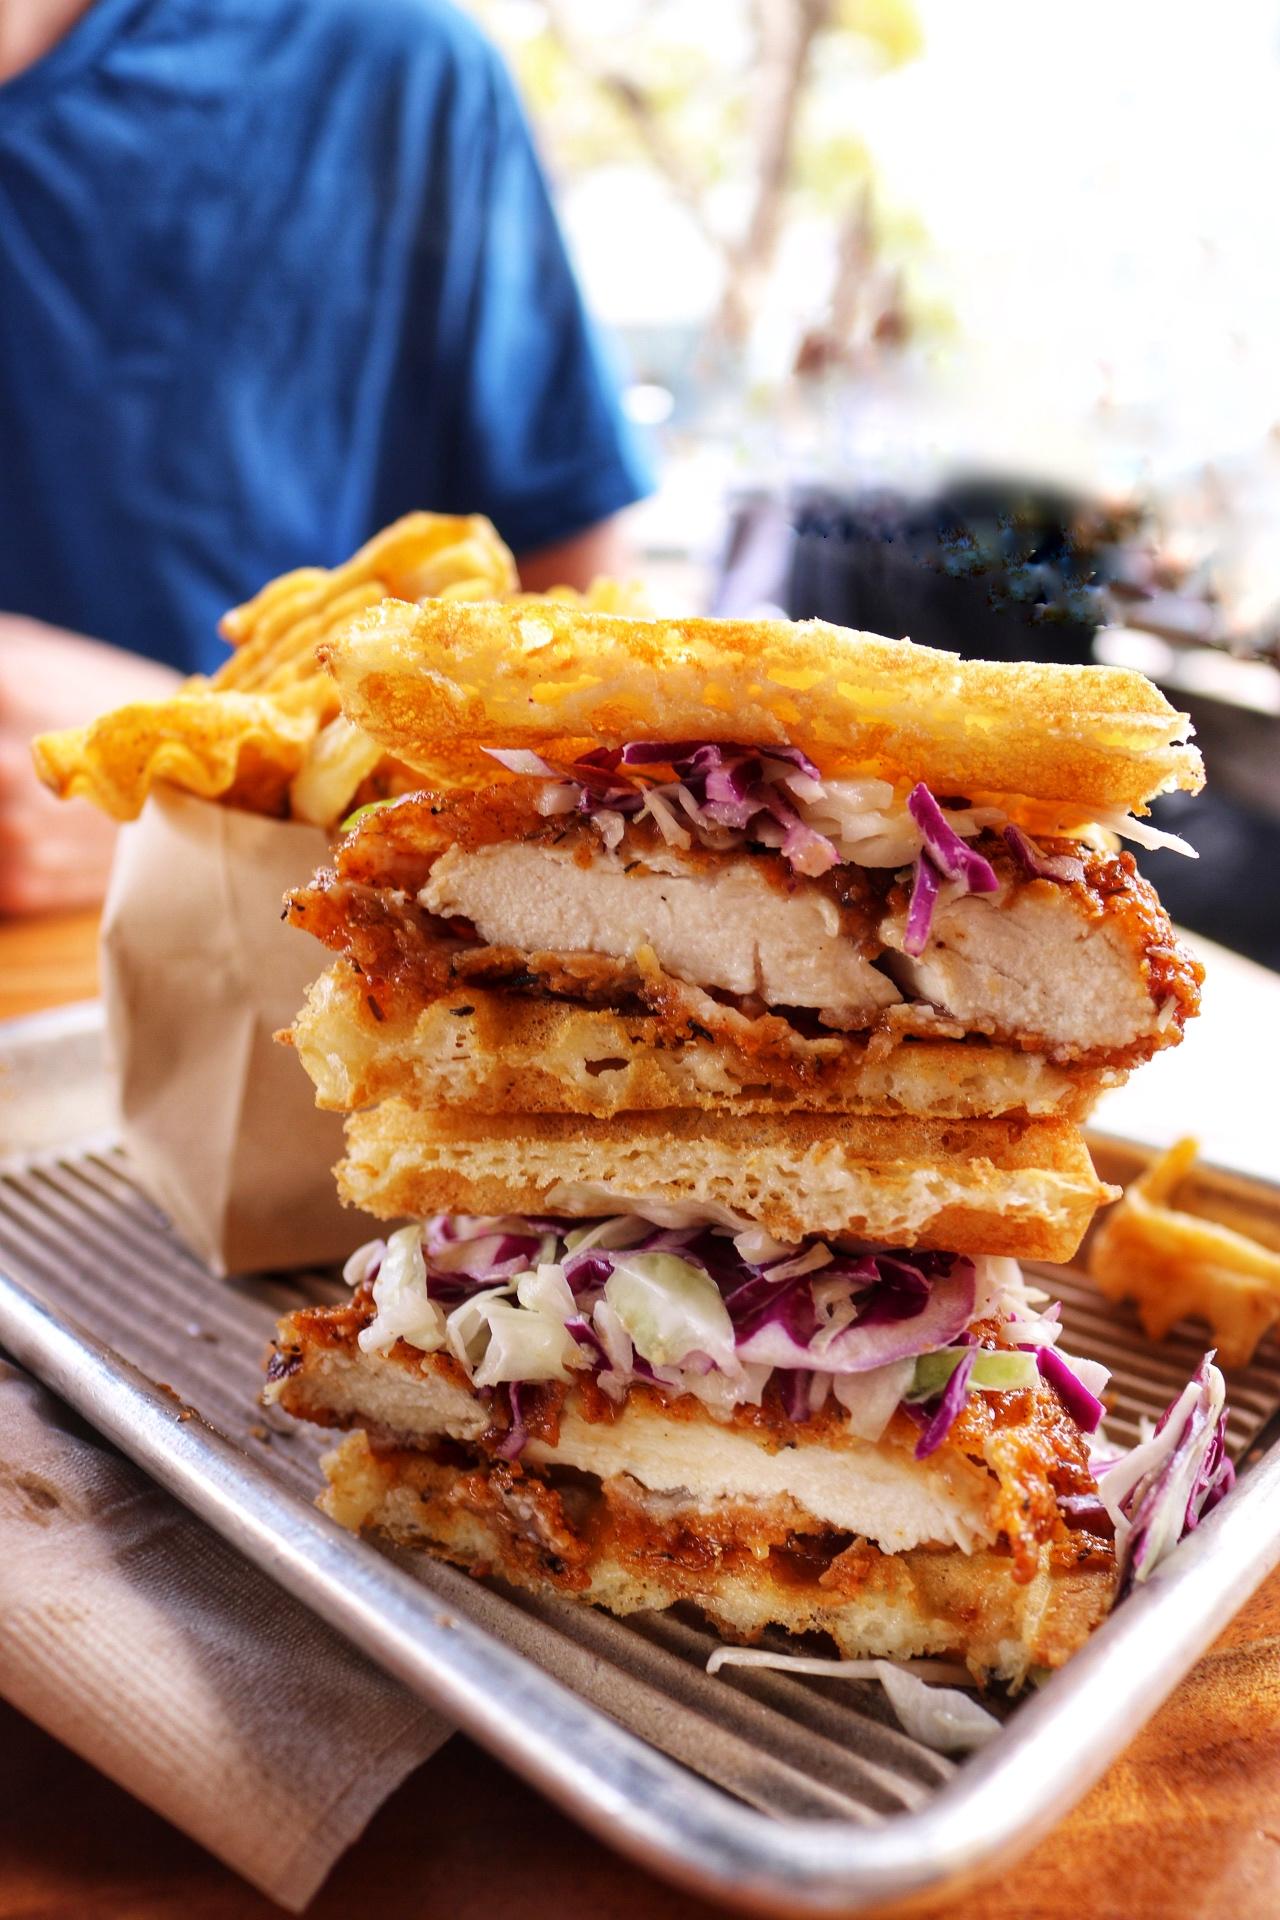 Bruxie Chicken & Waffles Sandwich